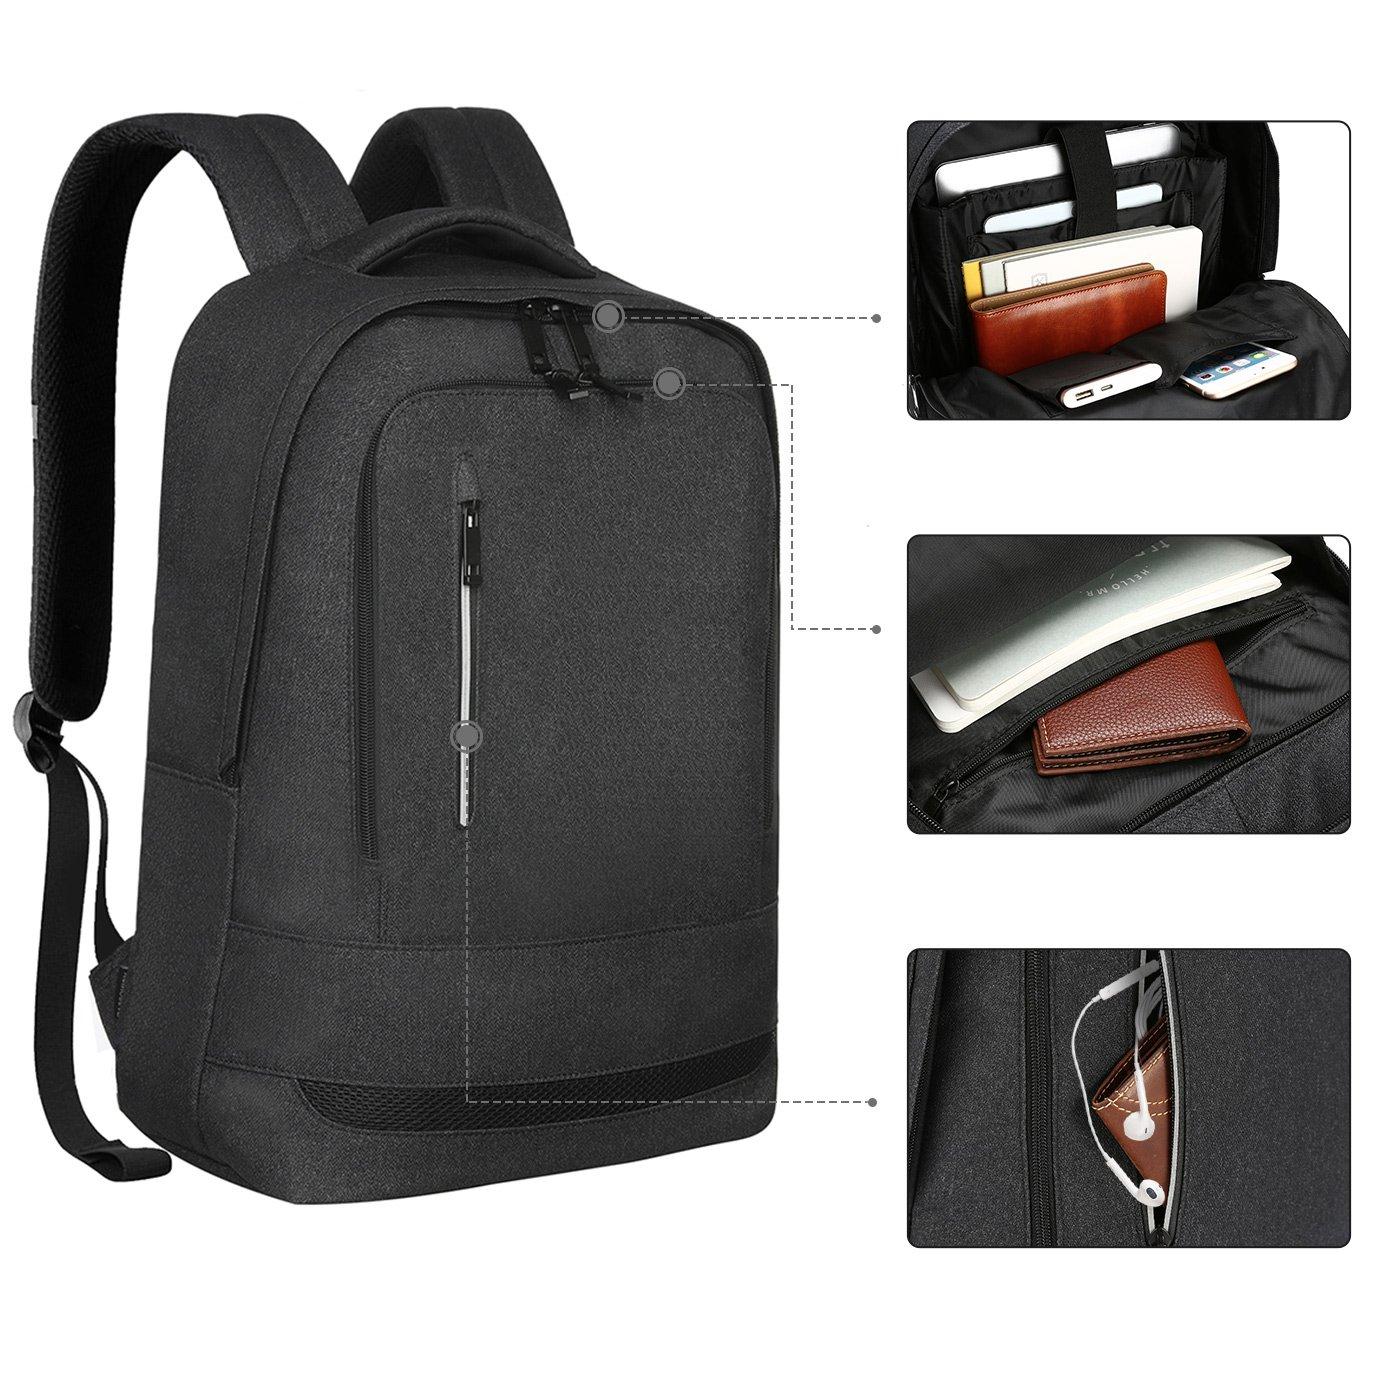 f17dfa25e3 YSINOBEAR Zaino per Computer Portatile Backpack Laptop Impermeabile  Zainetto Uomo per Ufficio e Scuola (Nero 1): Amazon.it: Elettronica